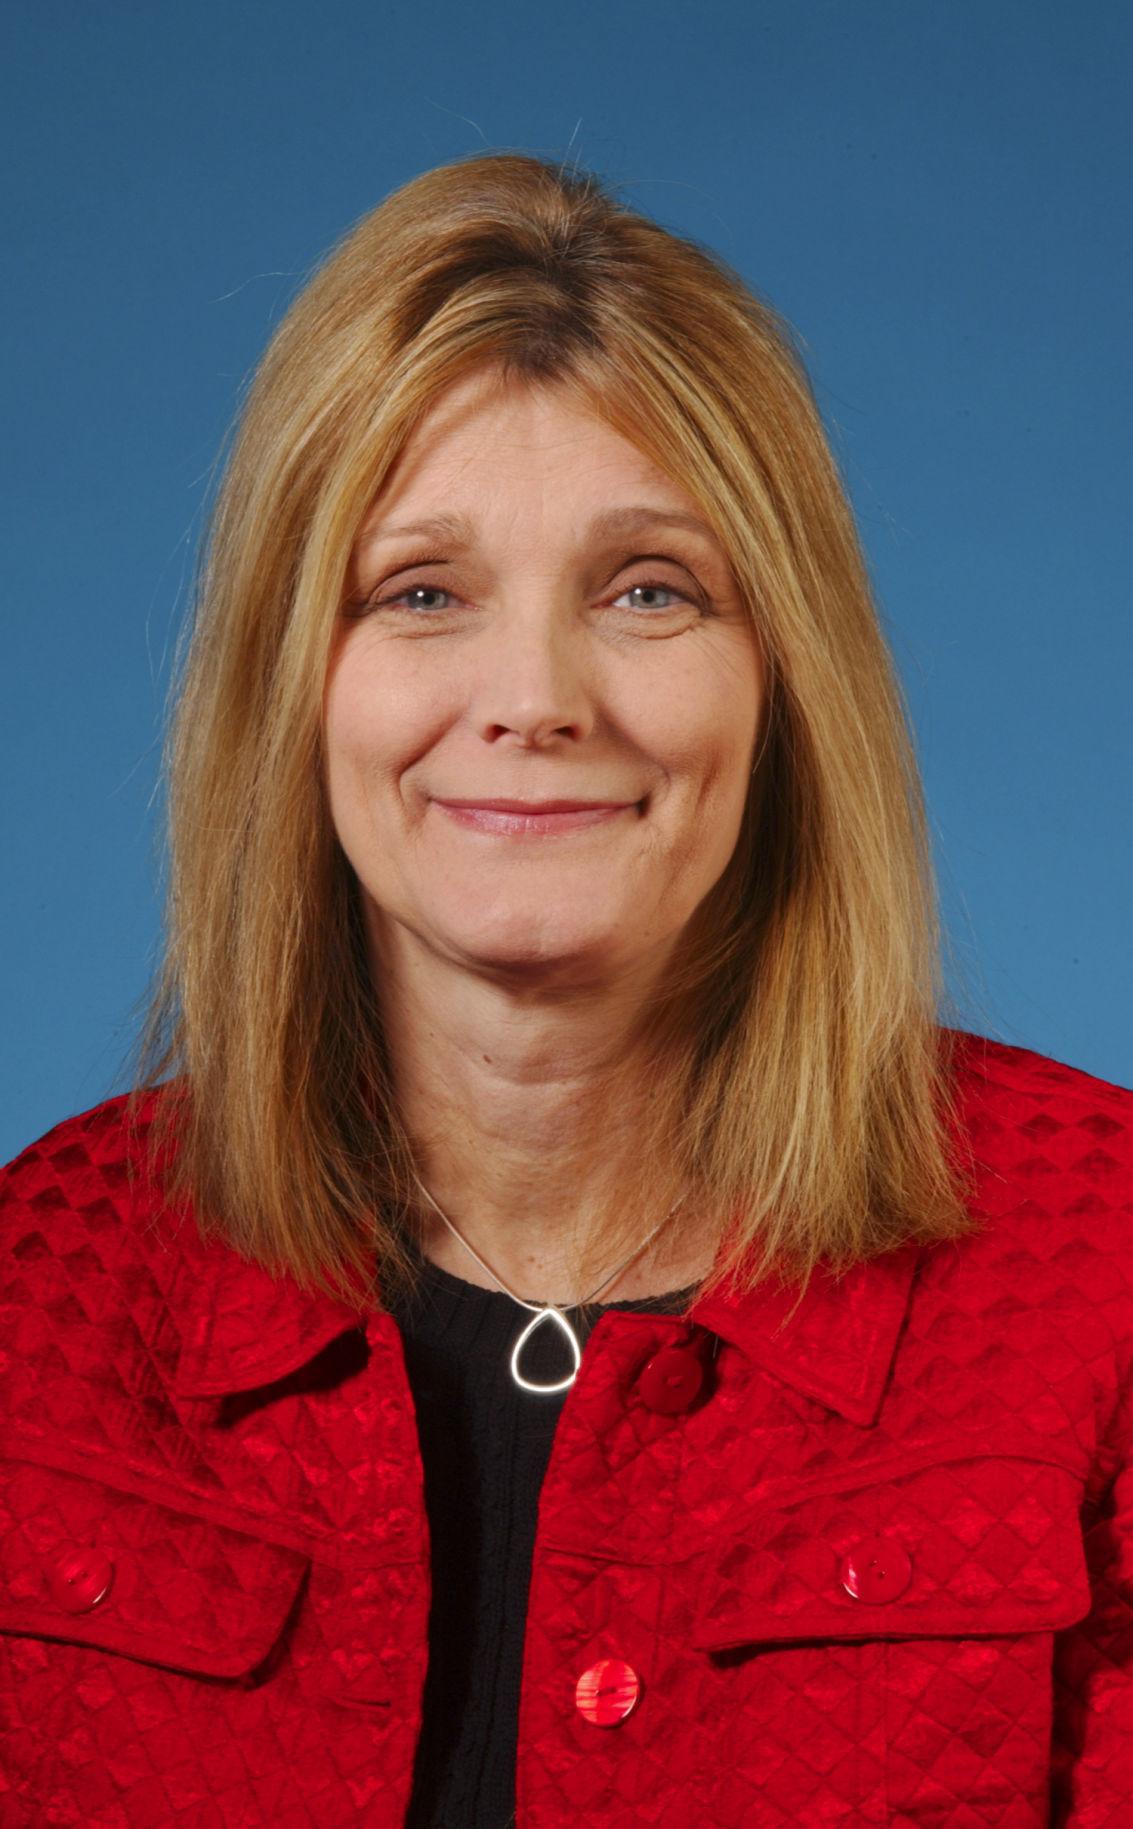 Jane Nikolai